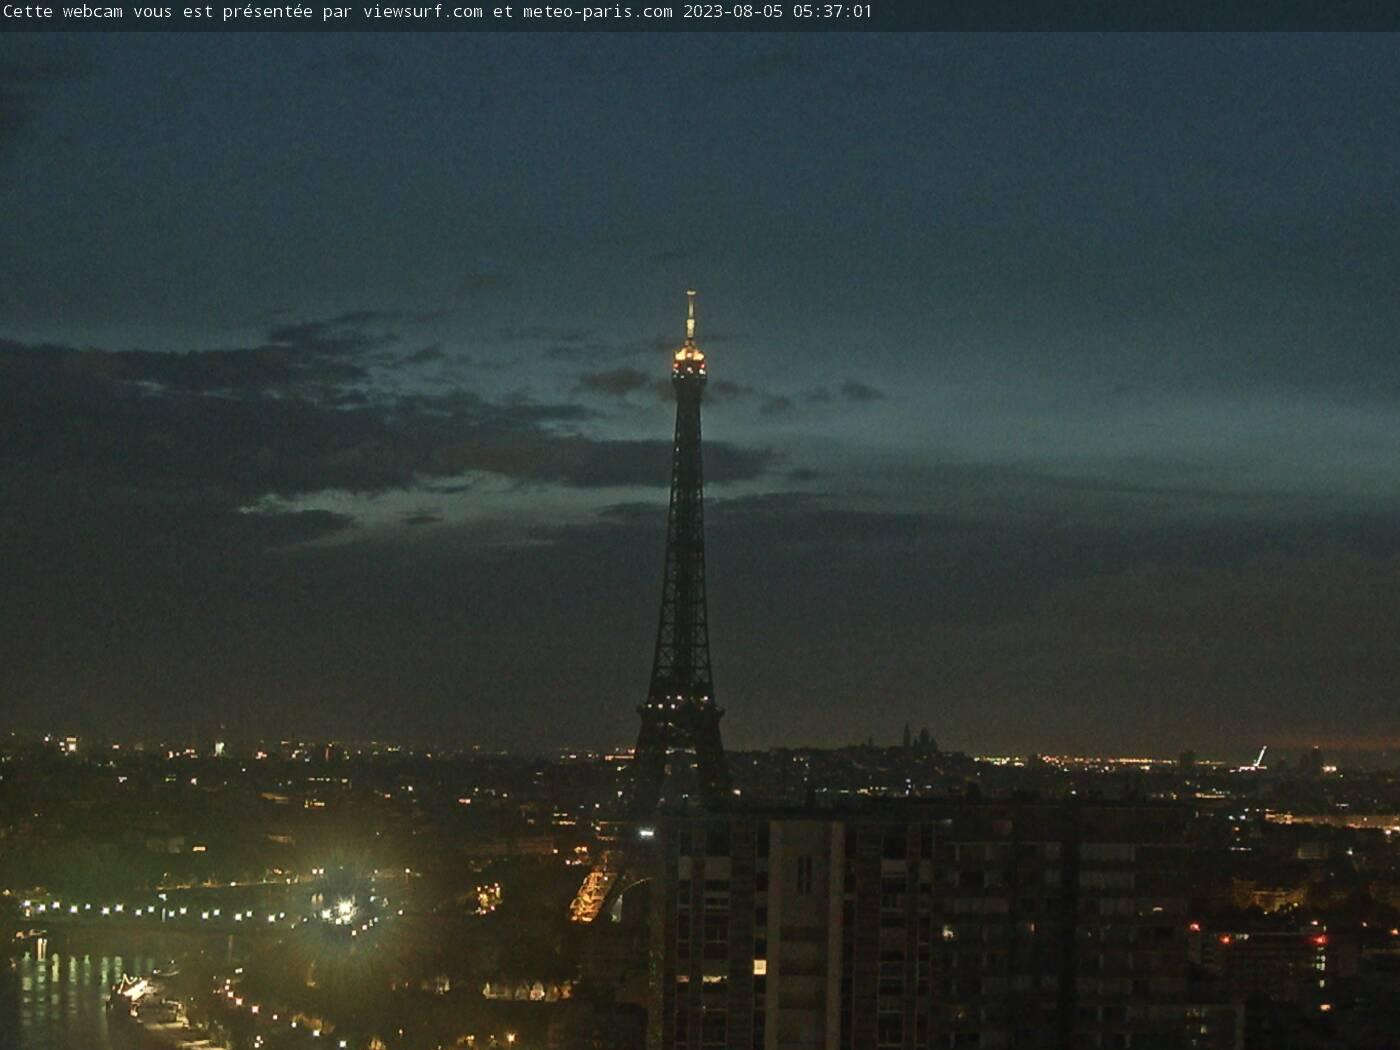 Eiffel Tower, Paris, France - Webcam Image